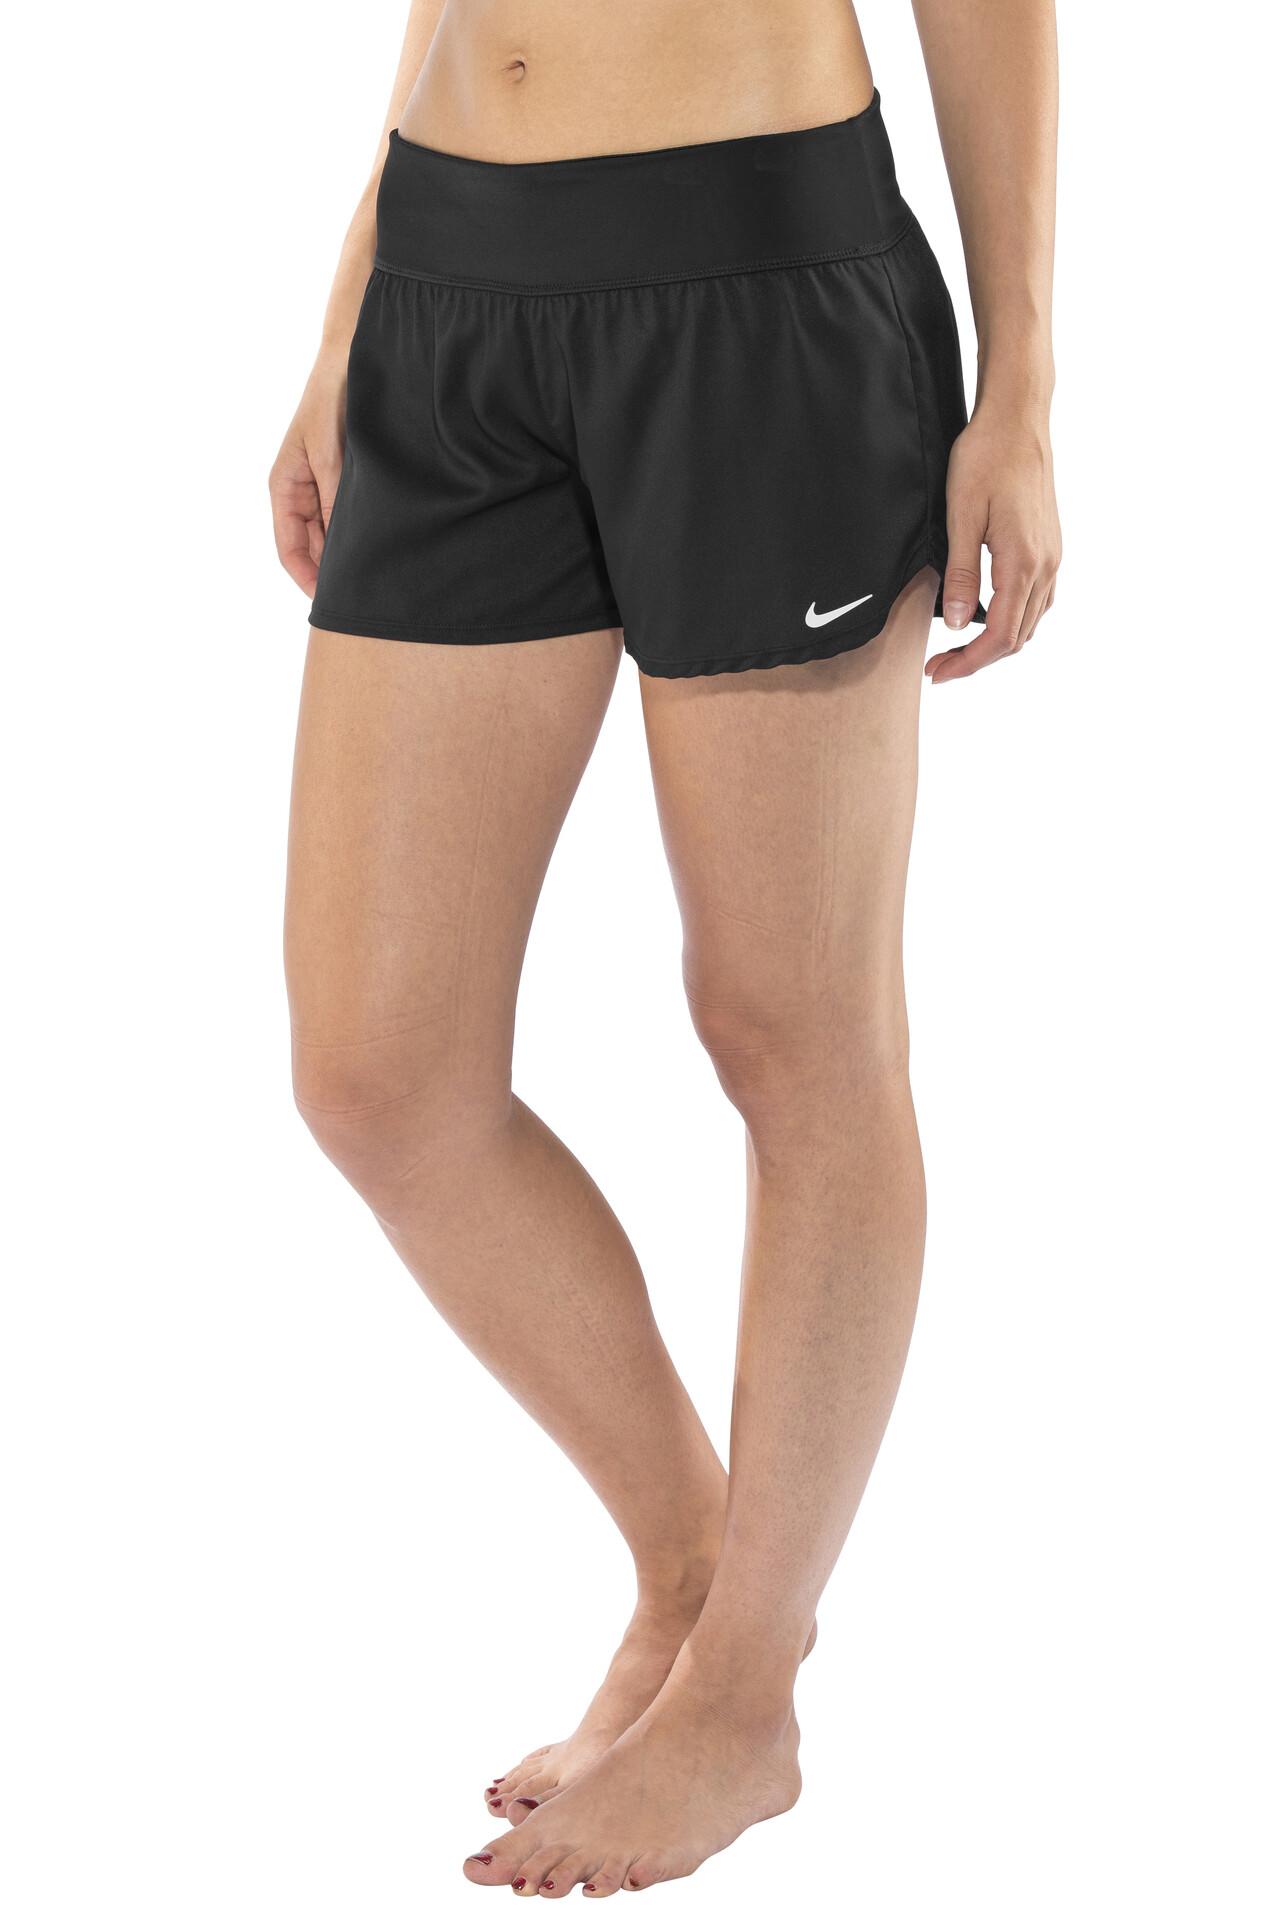 badetøj shorts kvinder